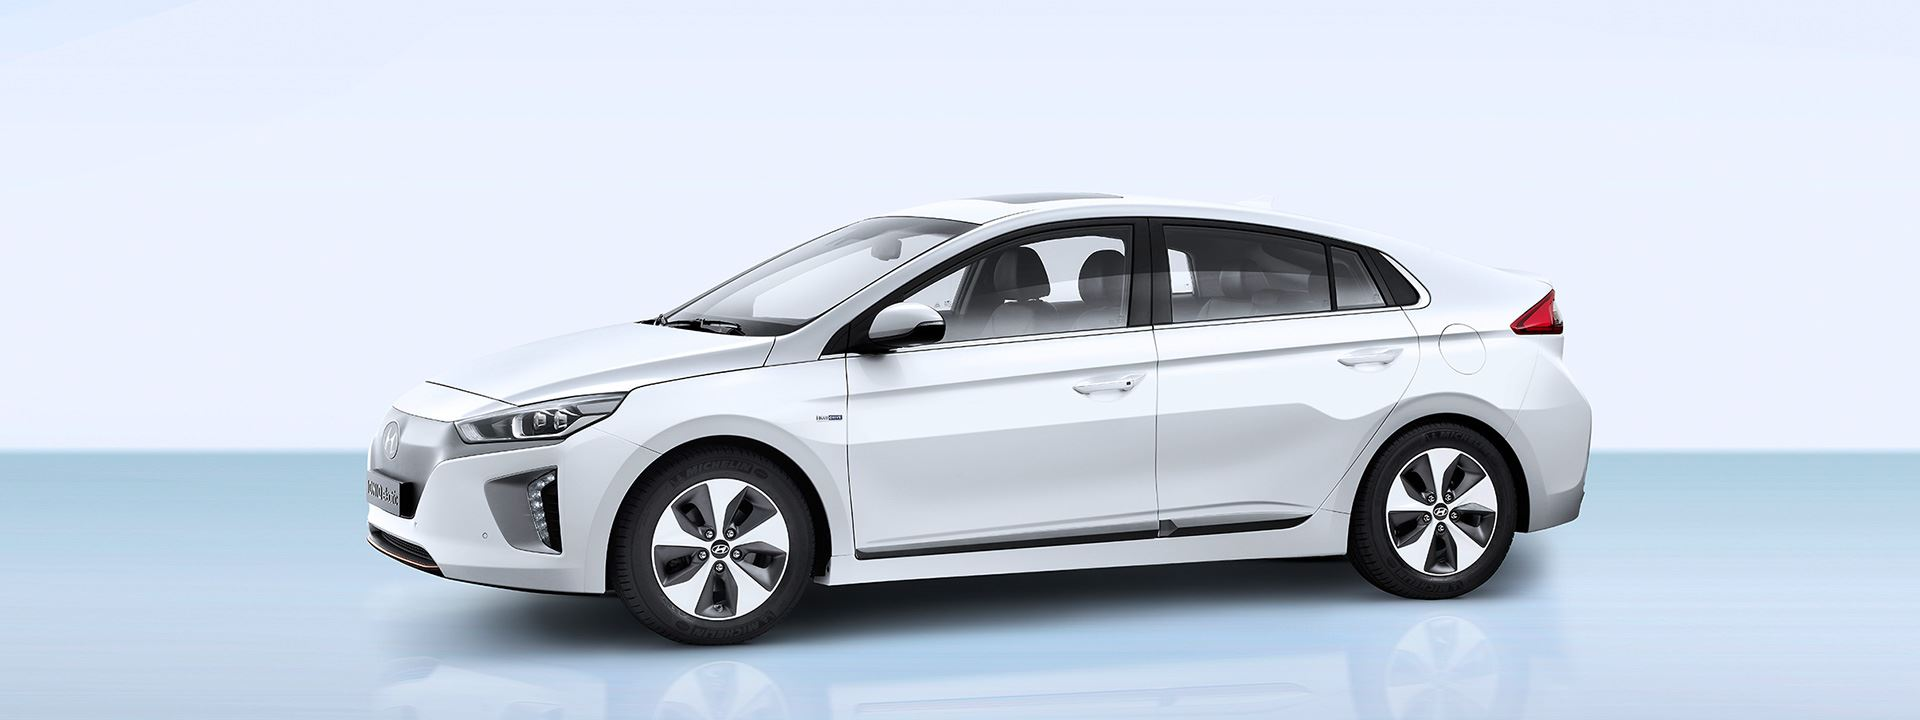 Zoveel Kost De Hyundai Ioniq Electric